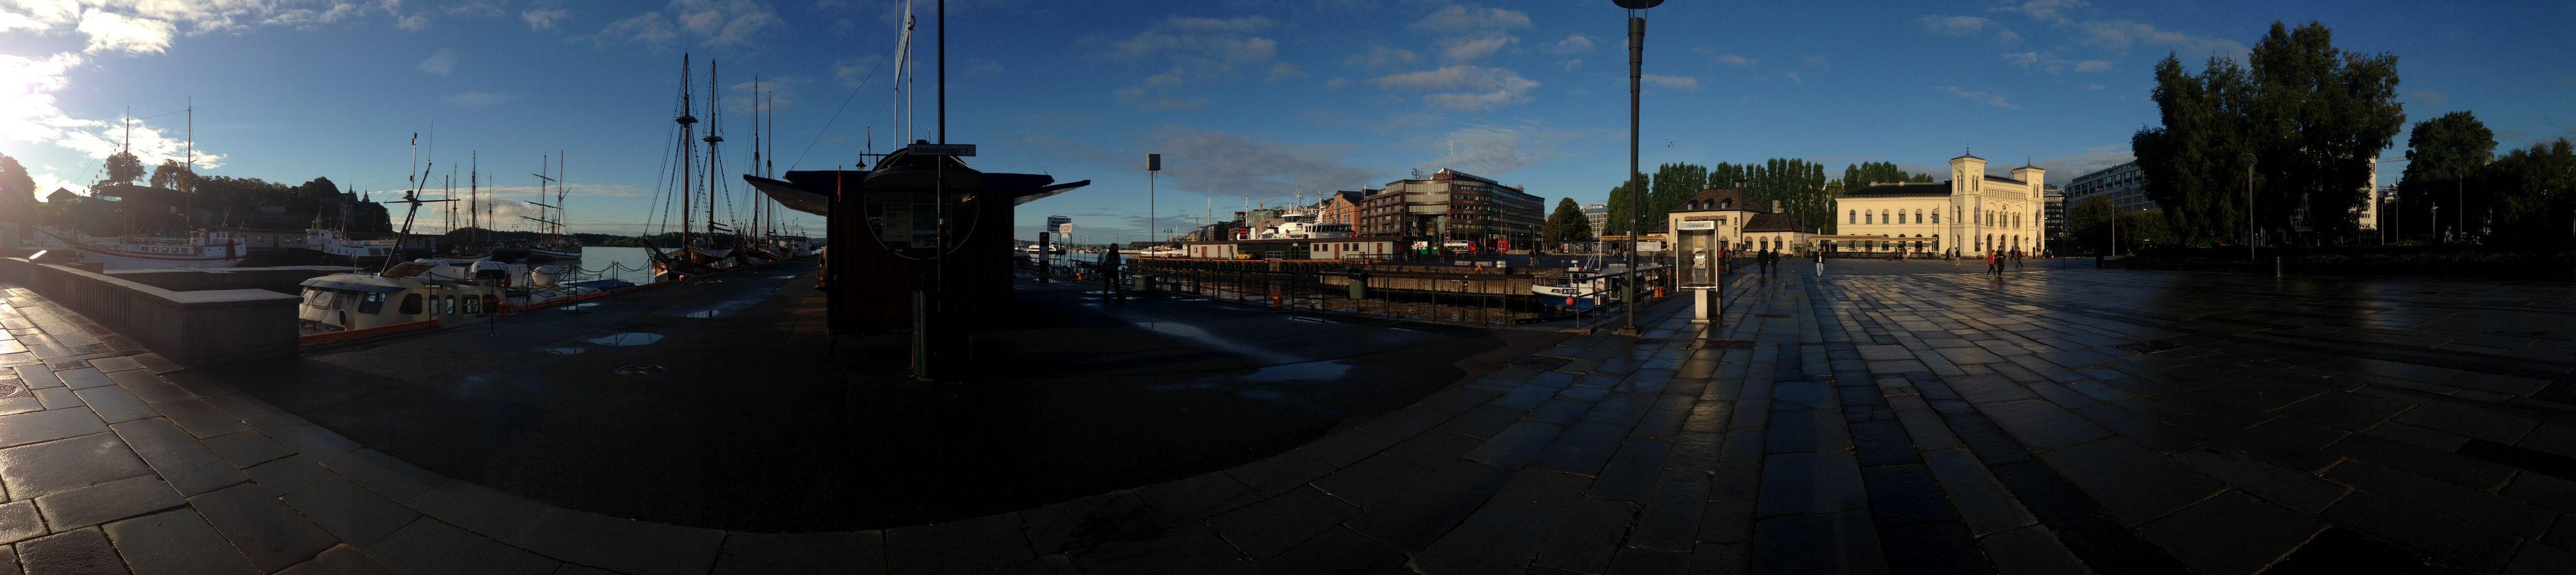 Panoramabilde tatt med iPhone 5